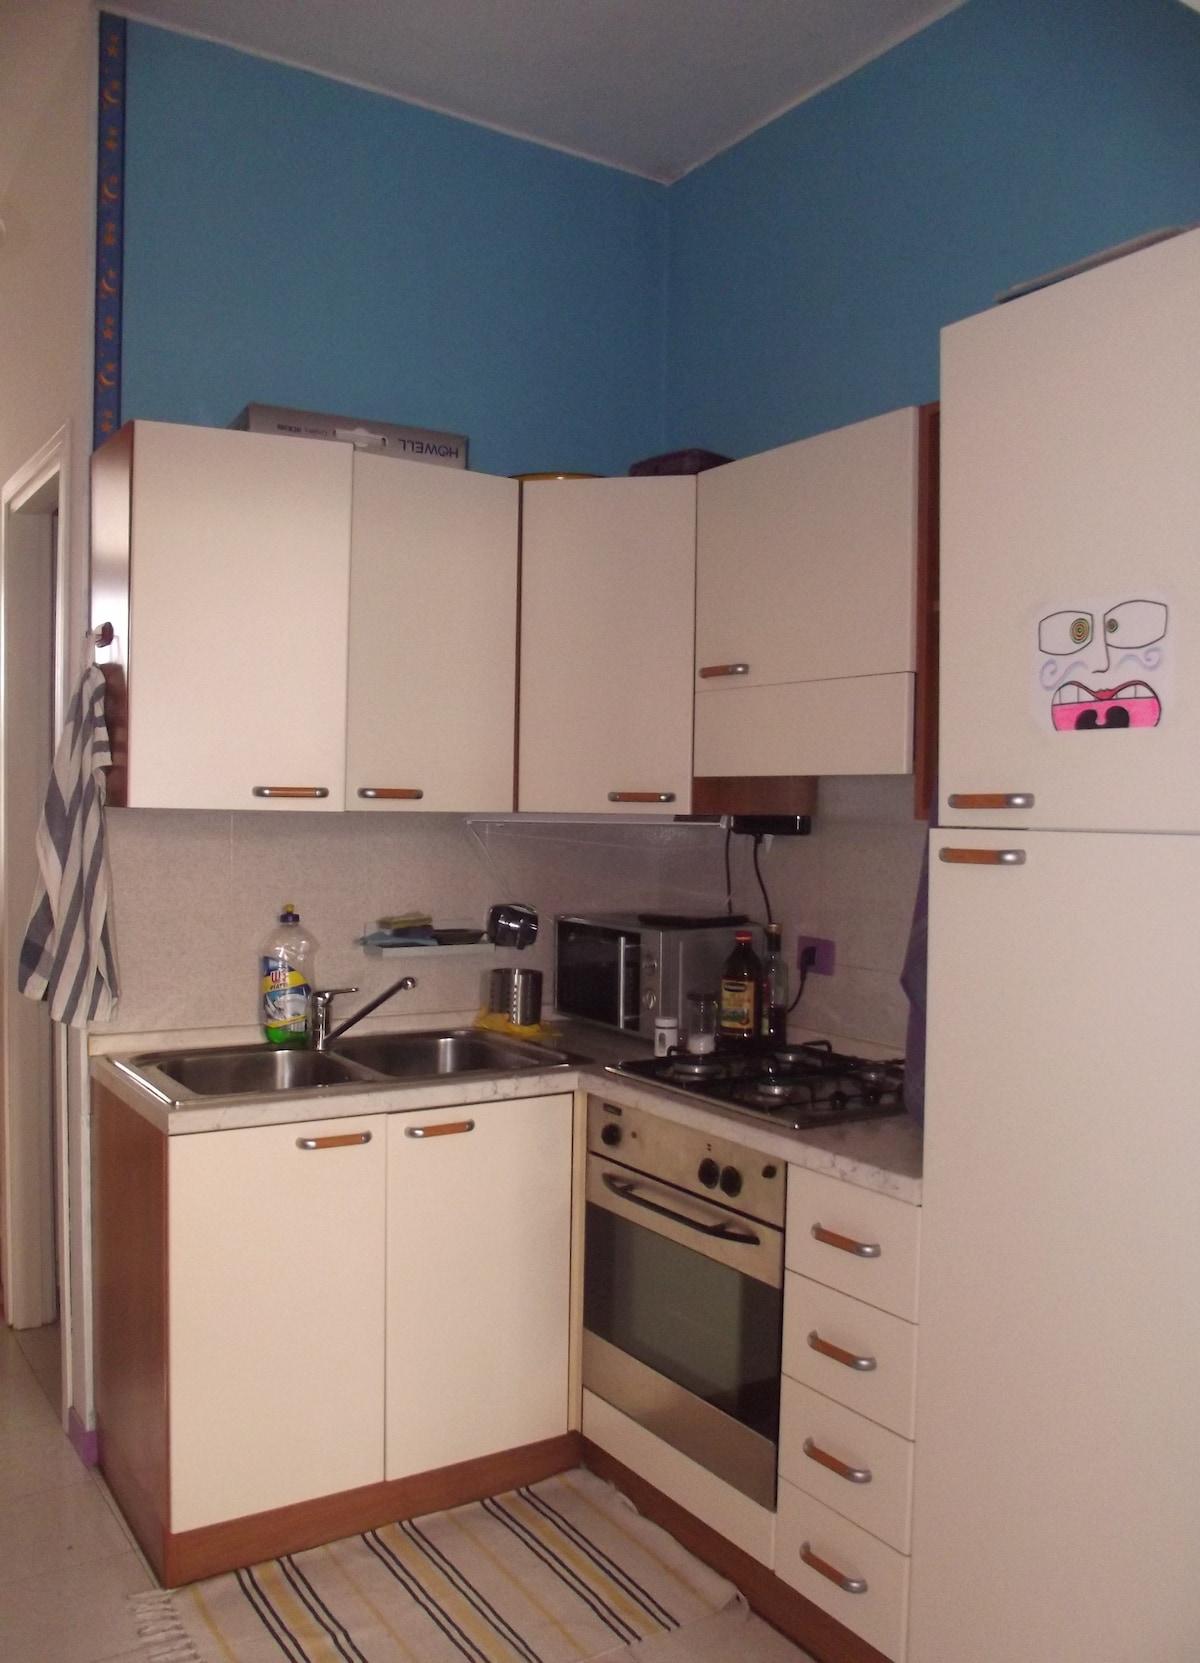 La cucina, attrezzata  con tutto il necessario e forno a microonde